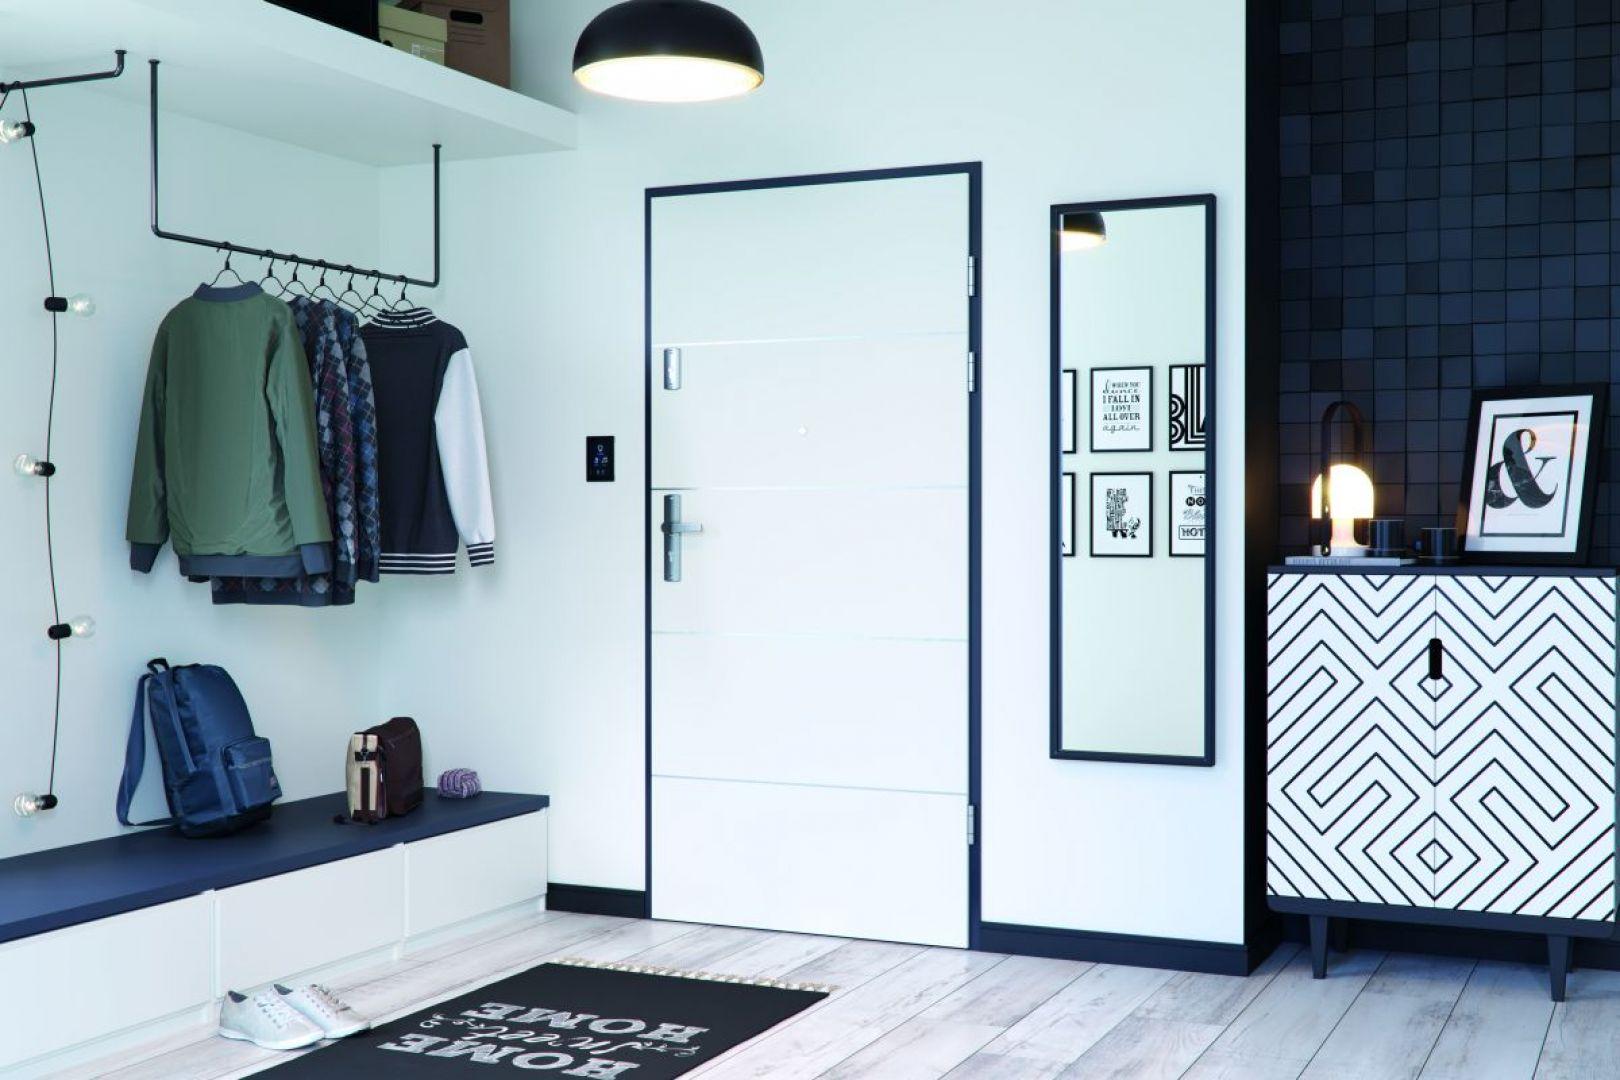 Drzwi wejściowe Kwarc w białym kolorze w oprawie z czarnej ościeżnicy dobrze wkomponują się w tło białej ściany, a srebrne intarsje na ich powierzchni wprowadzą do domu blask. Fot. Porta